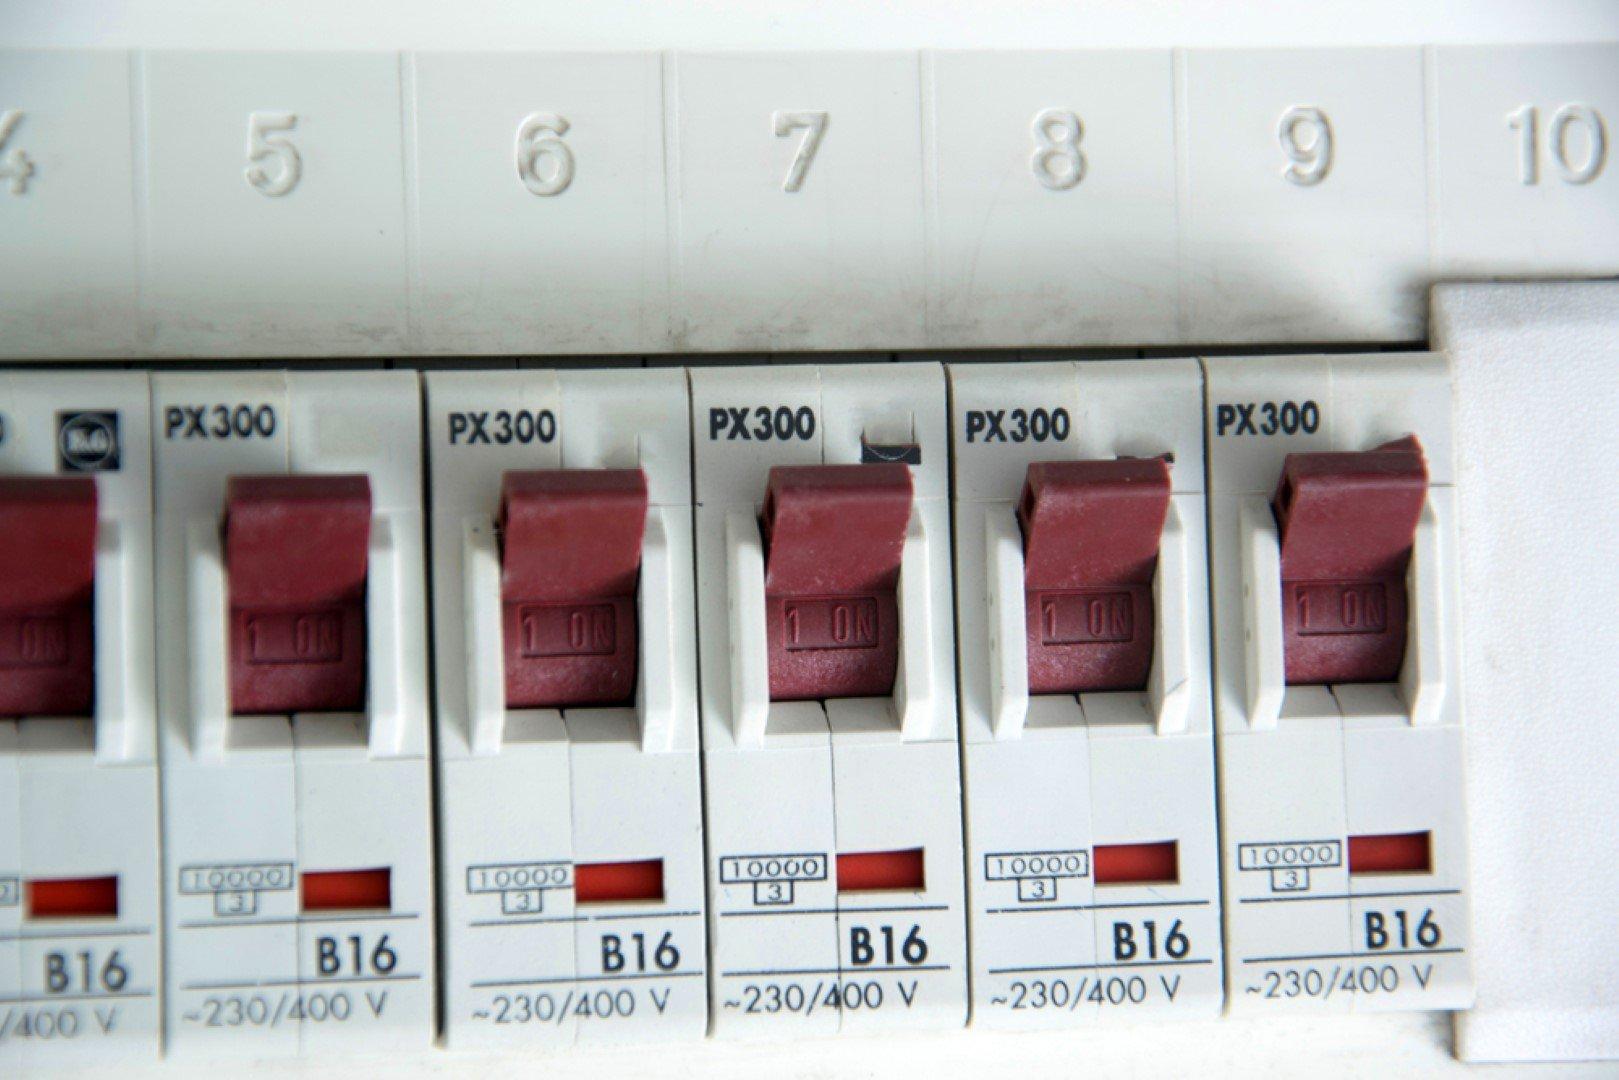 Pannello elettrico civile